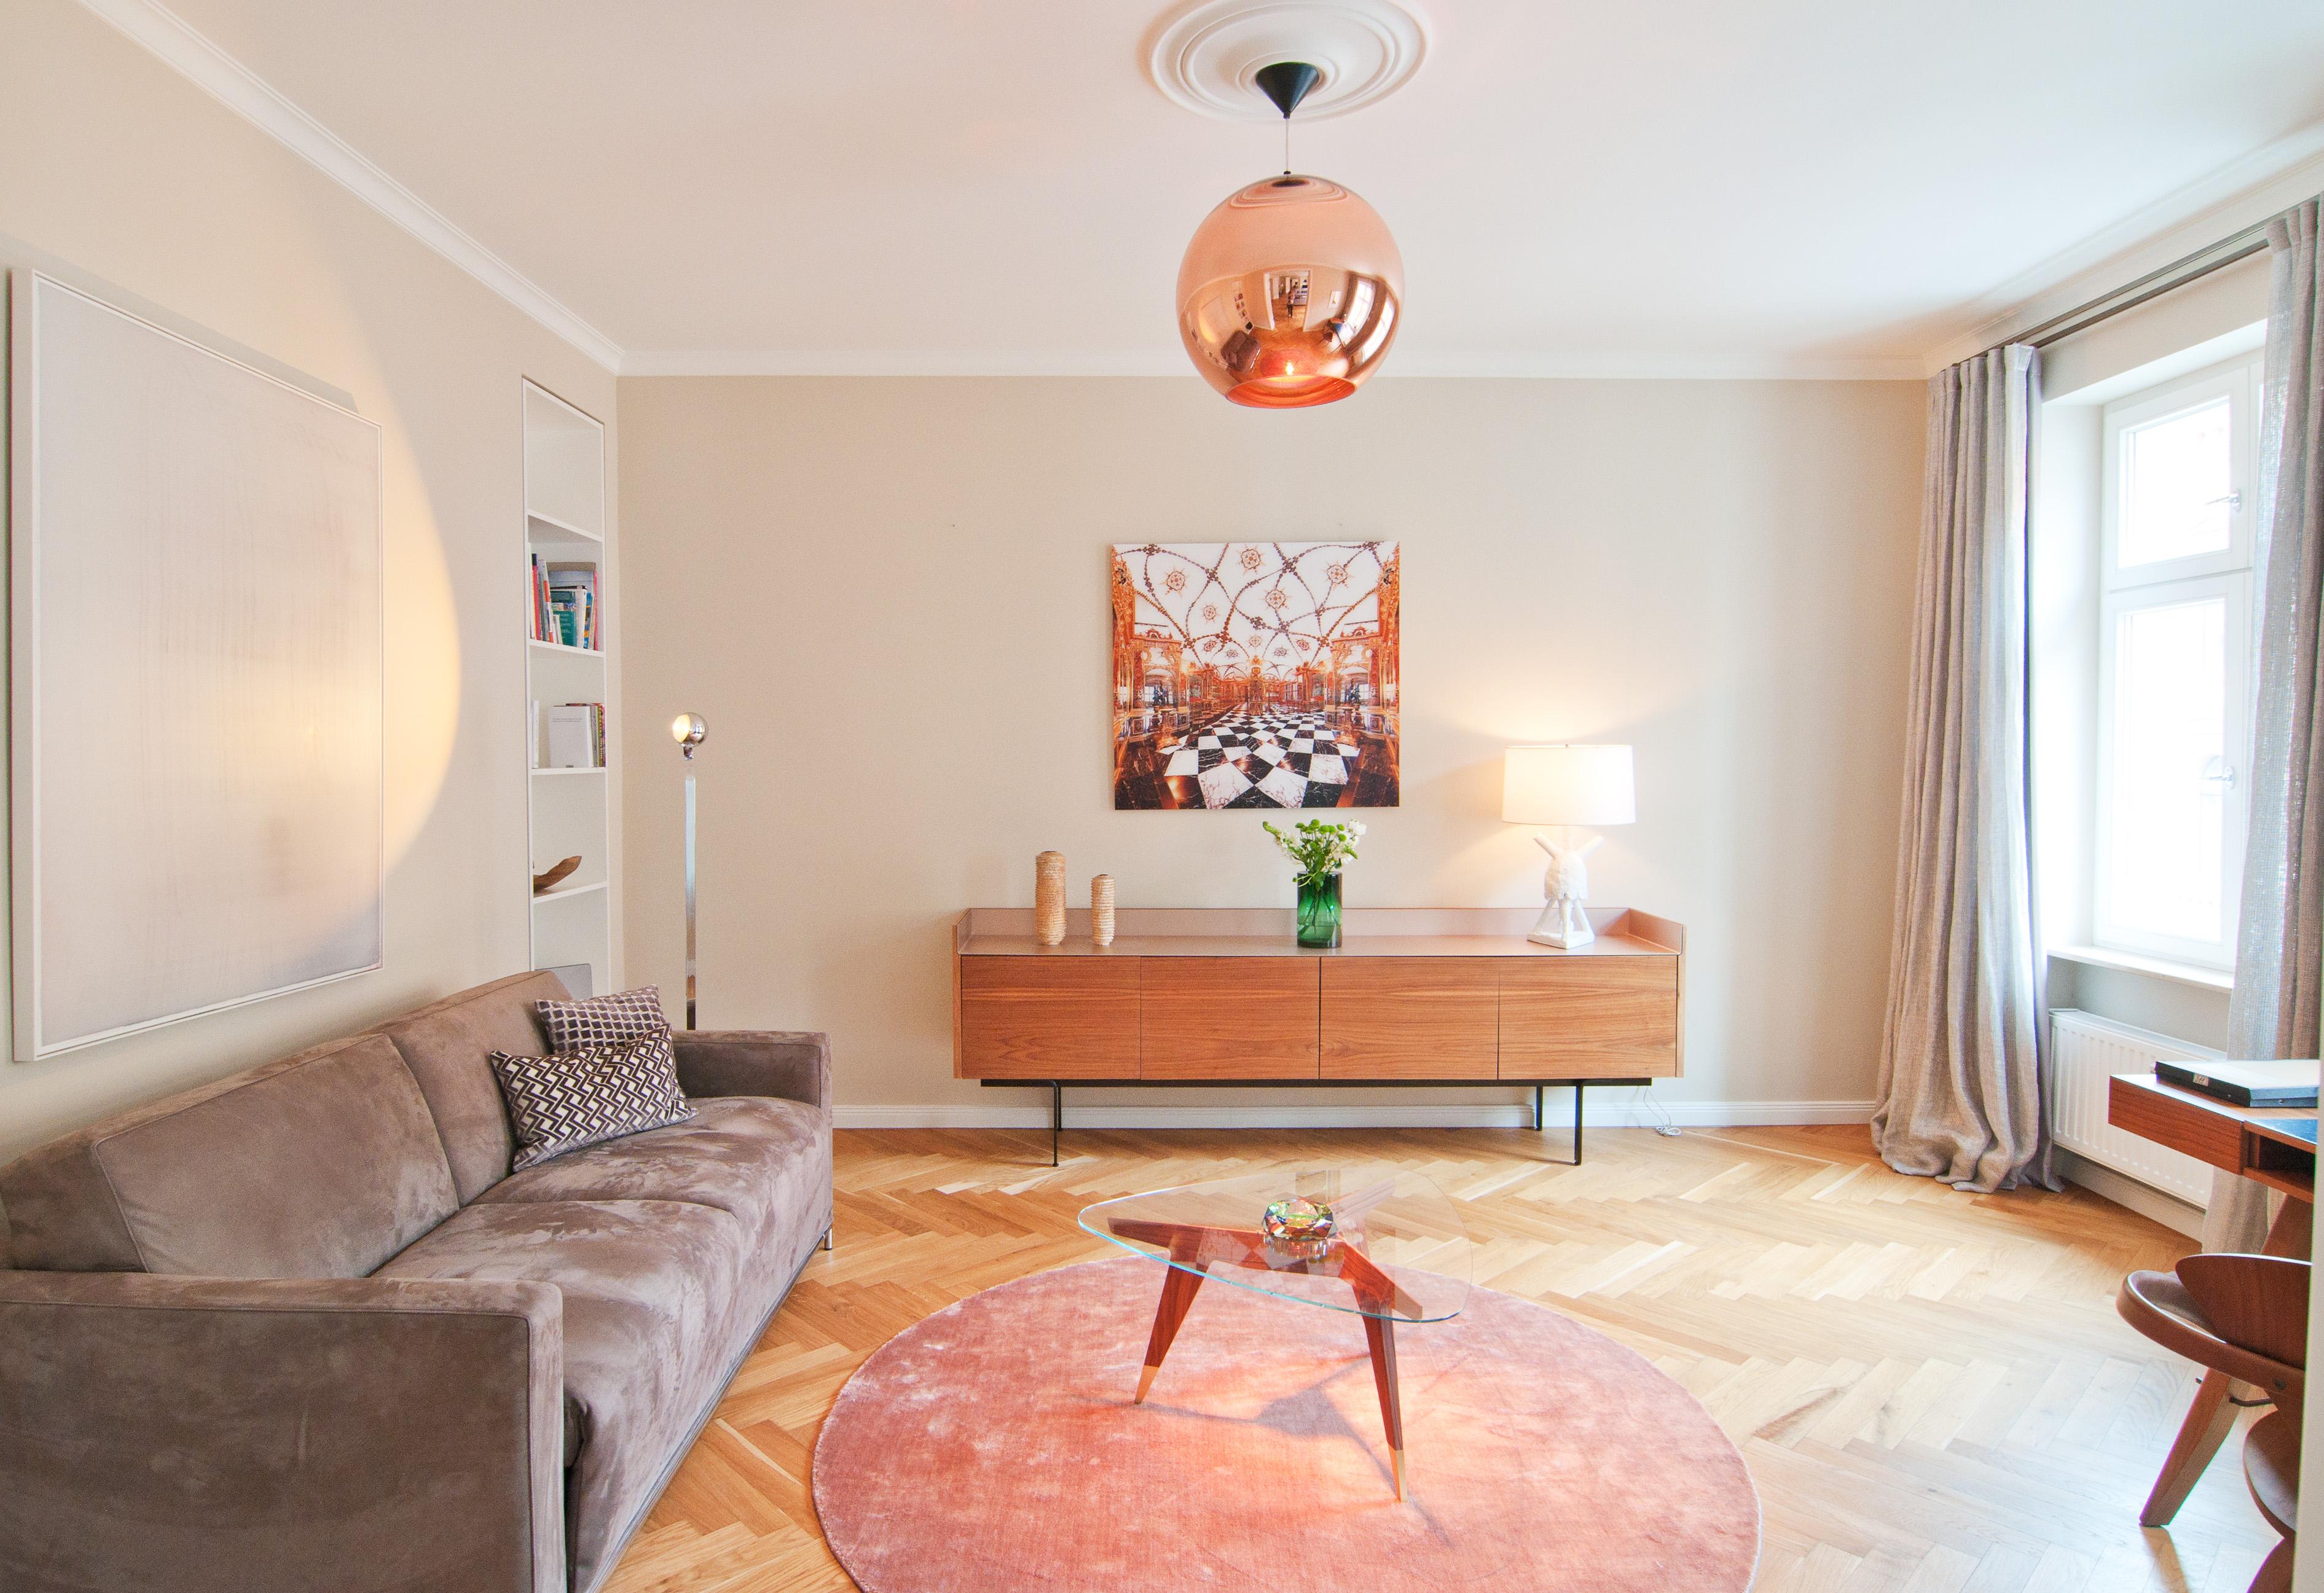 7 tipps f r vermieter bei der einrichtung einer m blierten wohnung. Black Bedroom Furniture Sets. Home Design Ideas